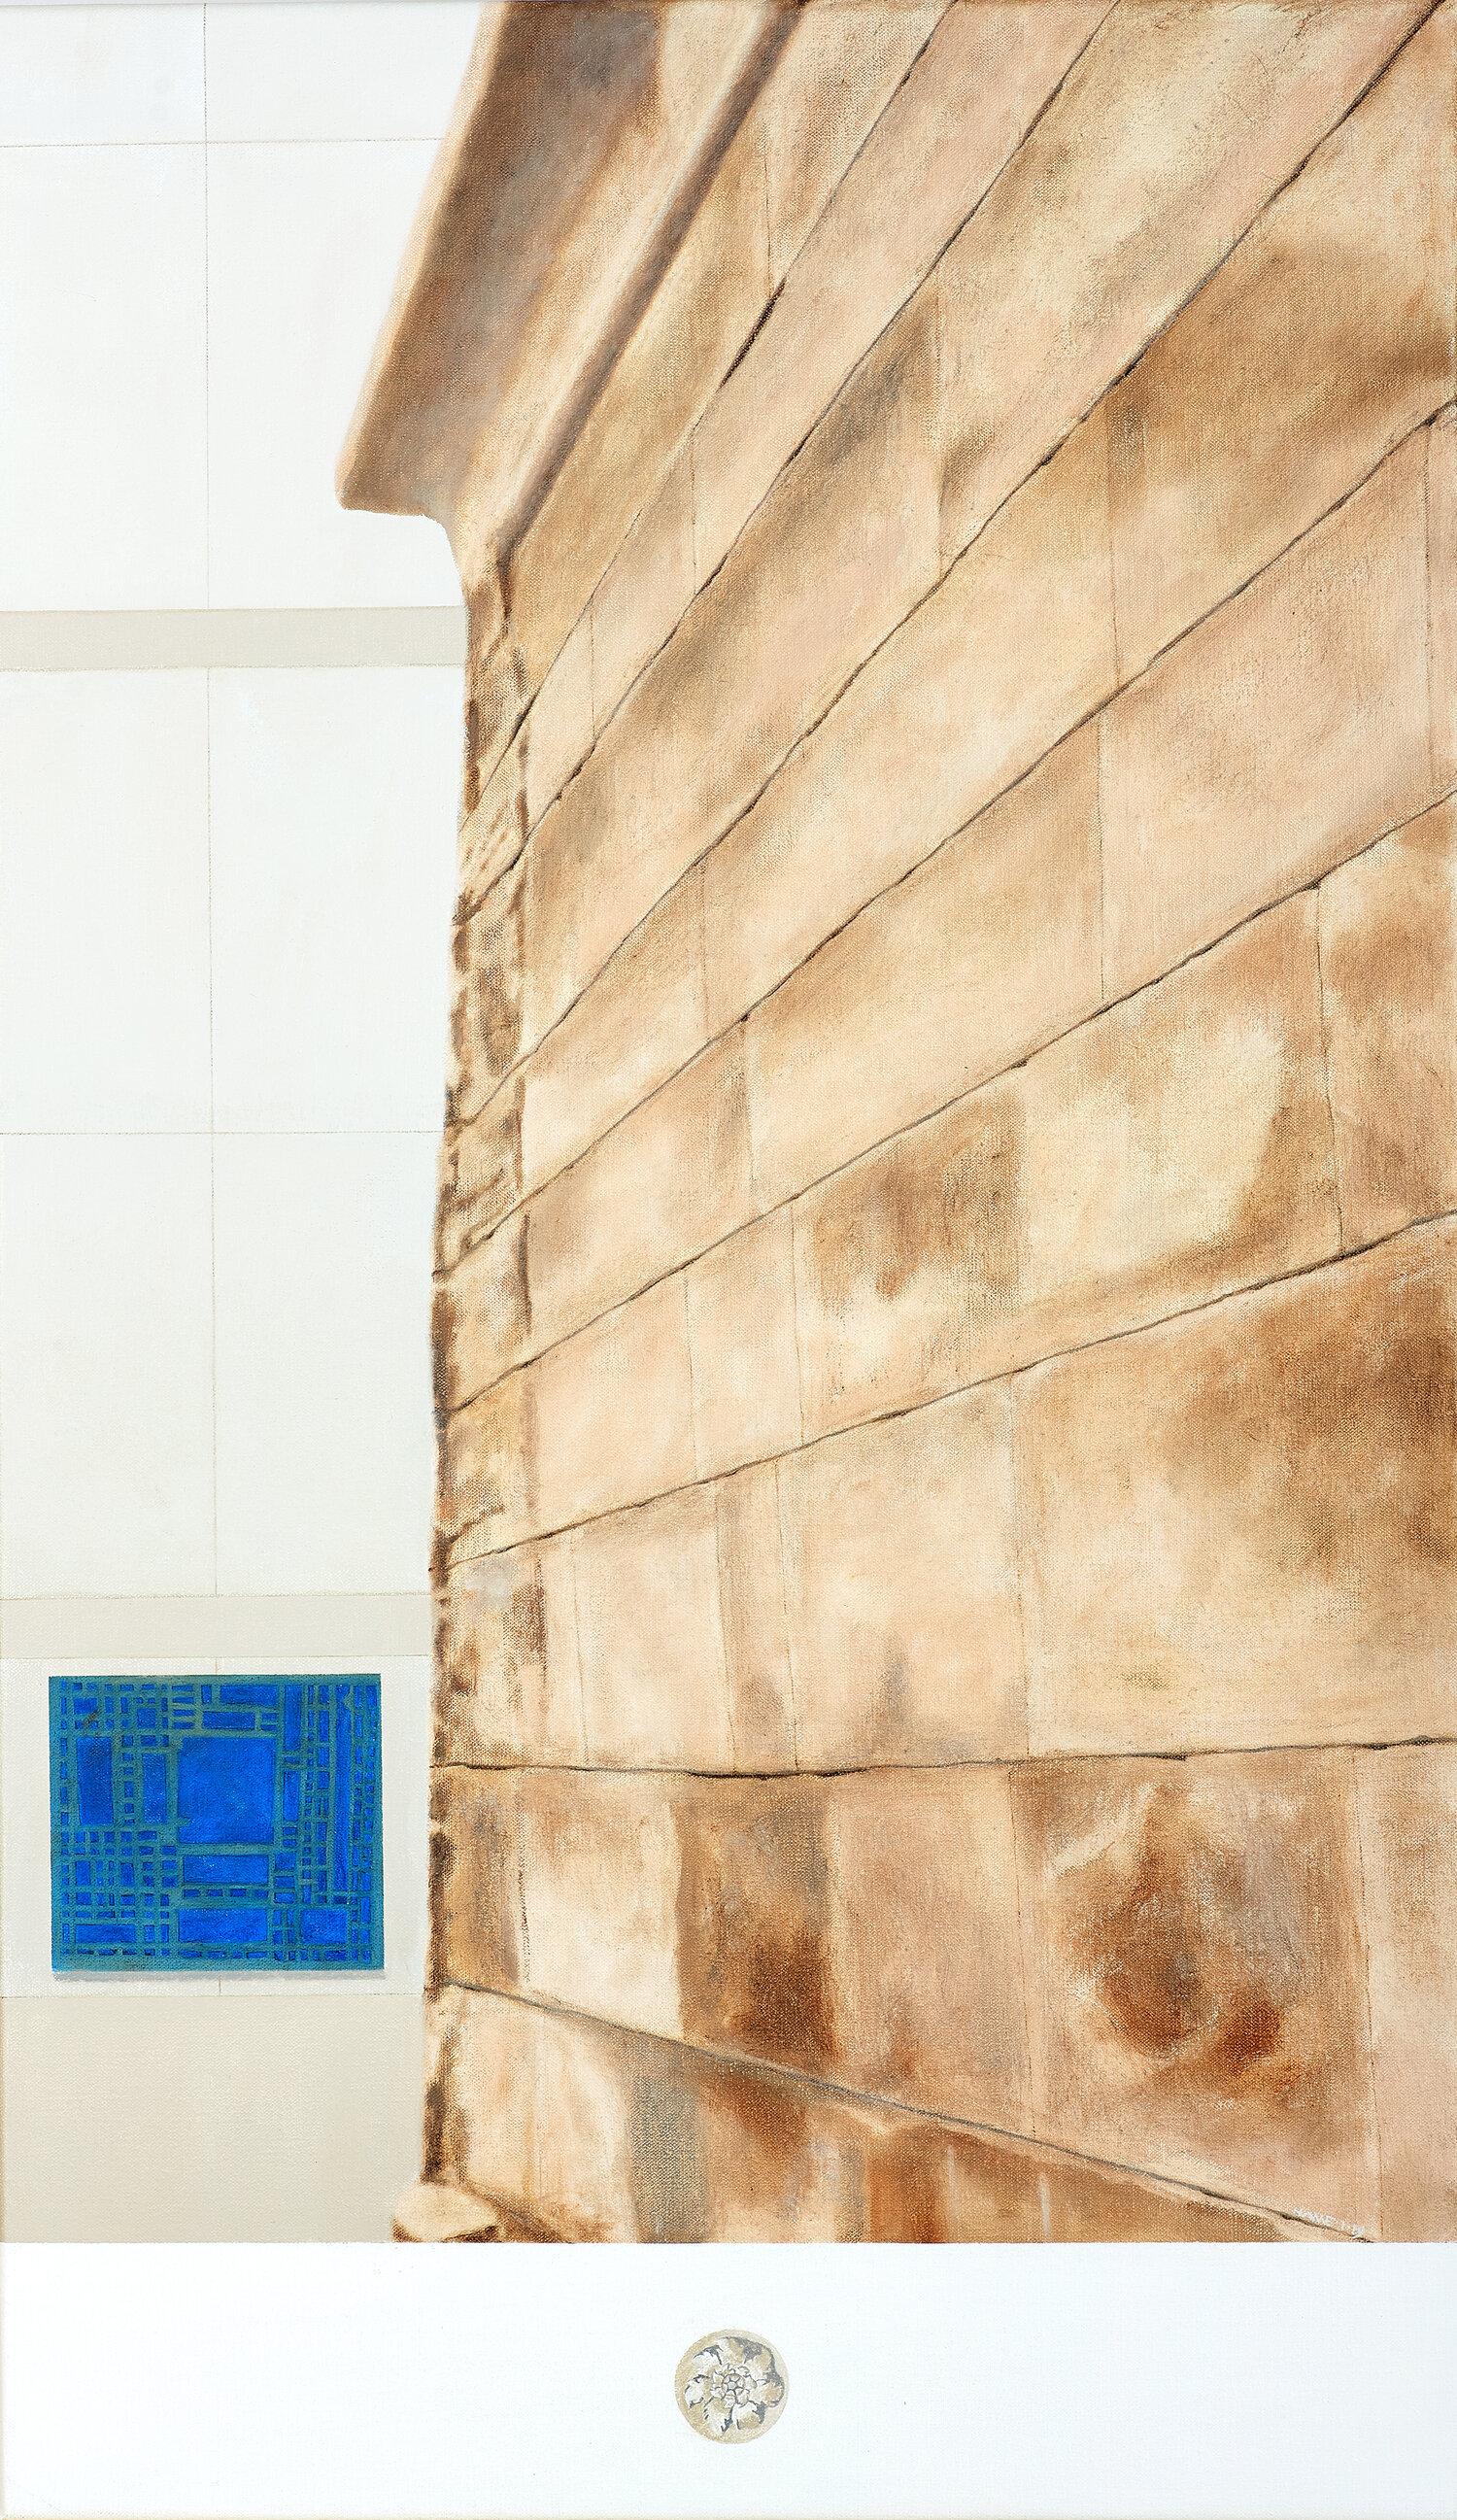 Tempio di Iside, Taffeh, Egitto.   Museo Nazionale di Antichità di Leiden, Olanda  2019 Olio su lino, 90 x 52.5 cm